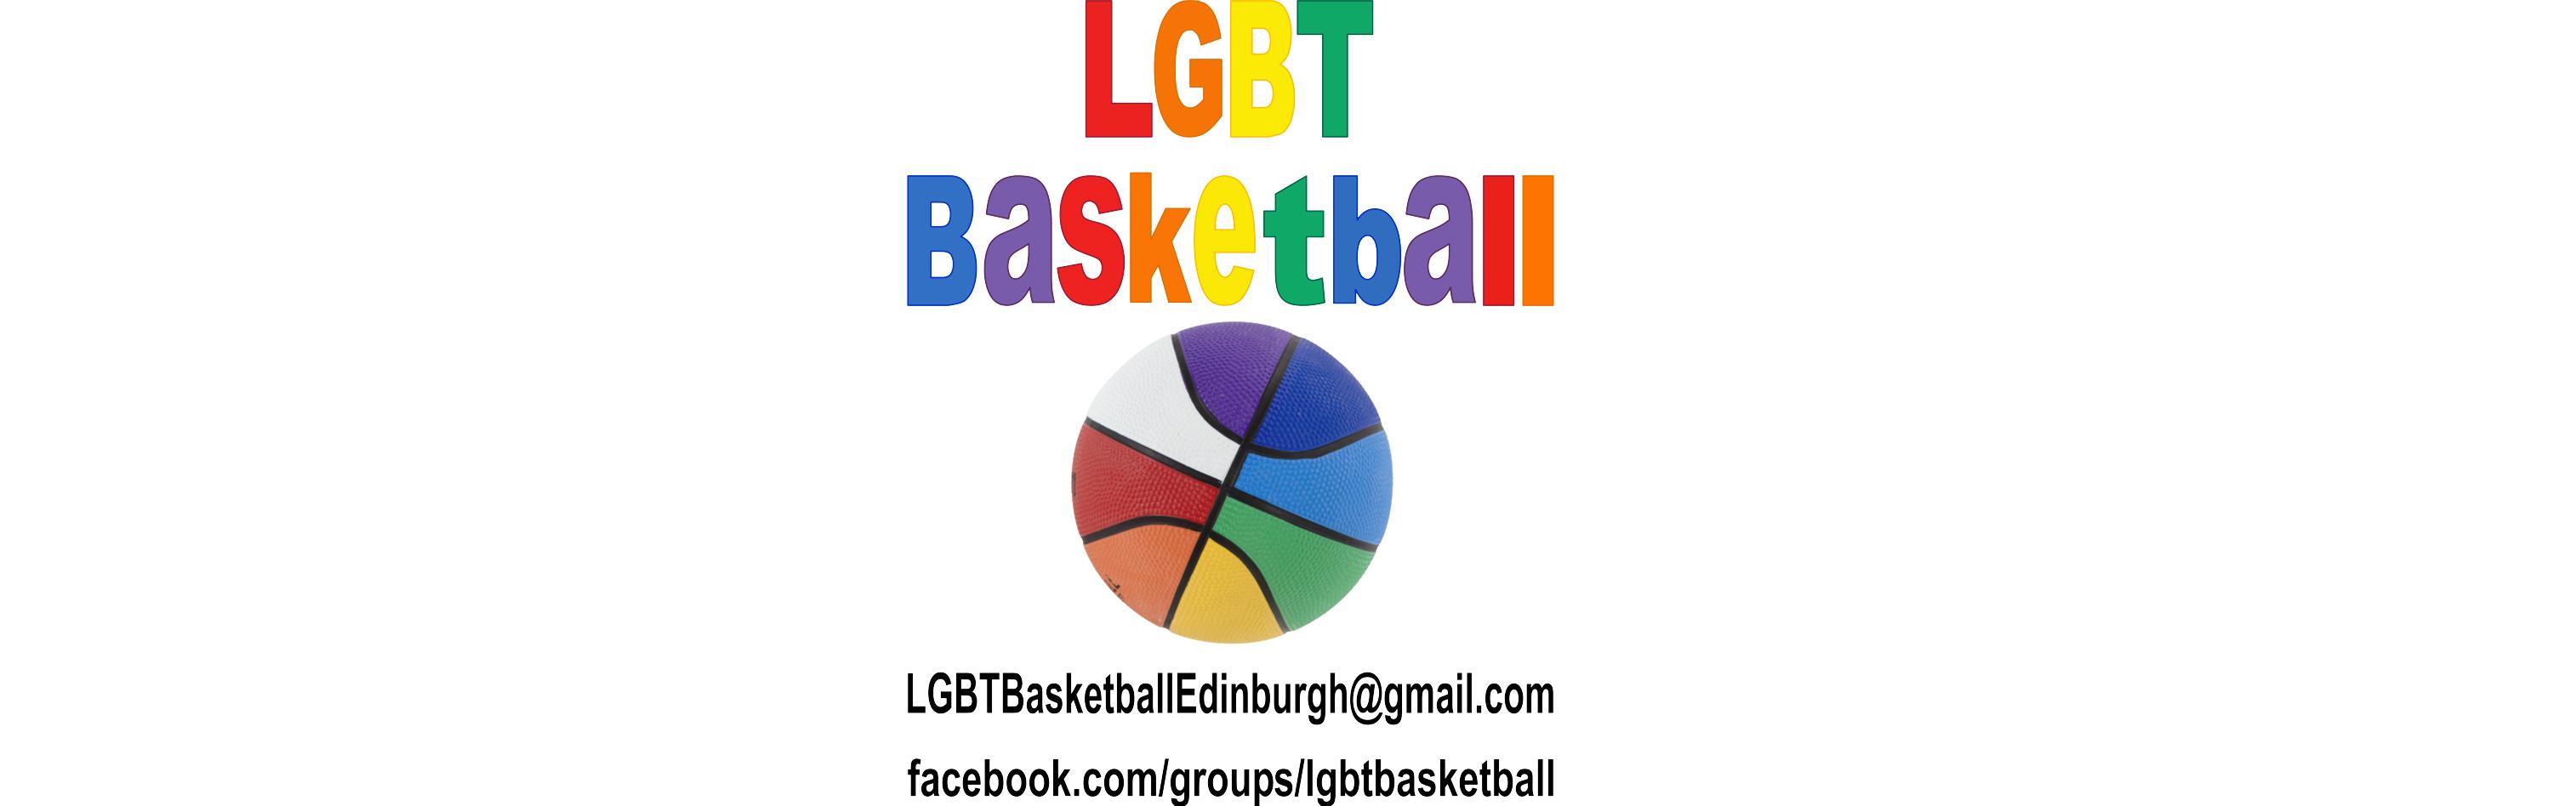 LGBT-Basketball.jpg